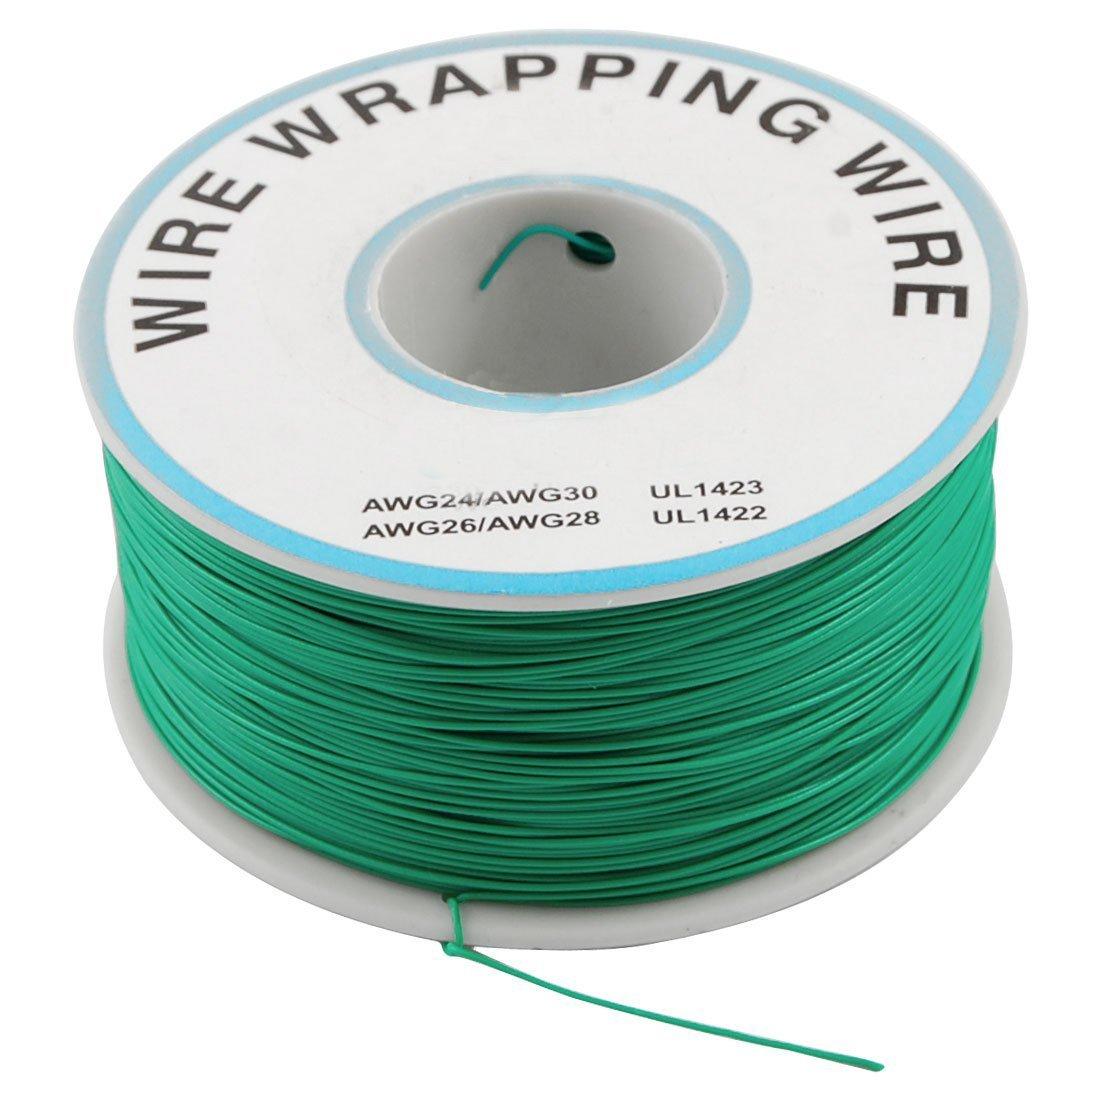 eDealMax verde flexible 0, 25 mm Diámetro del alambre de cobre 30AWG envoltorio de 1000 pies - - Amazon.com